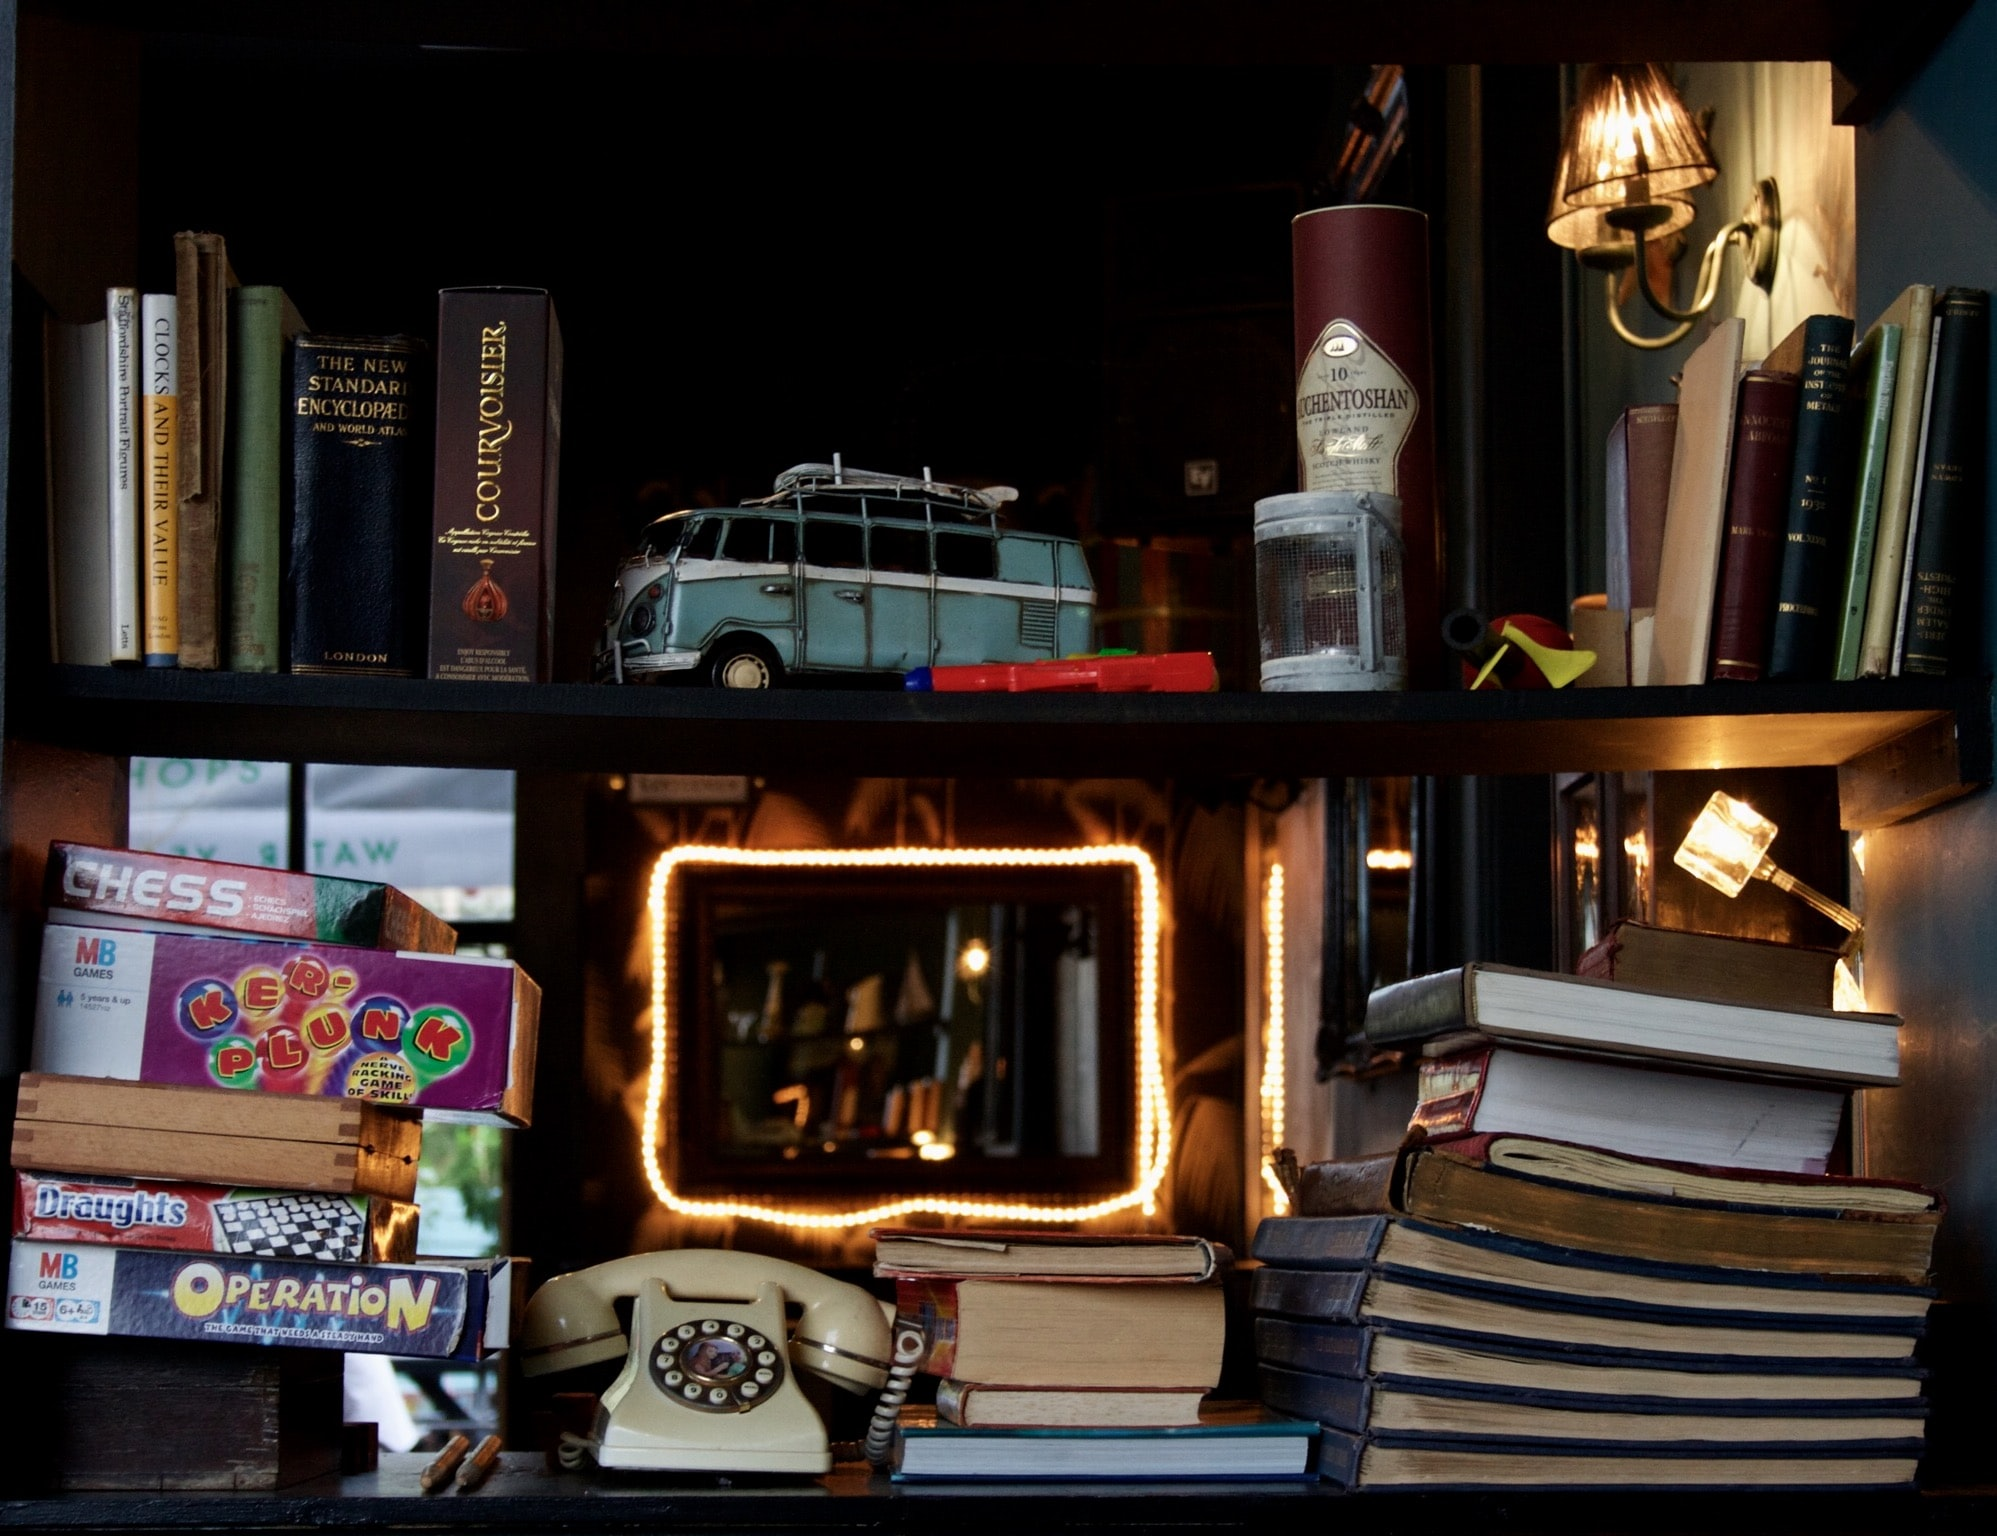 blue van on brown wooden shelf